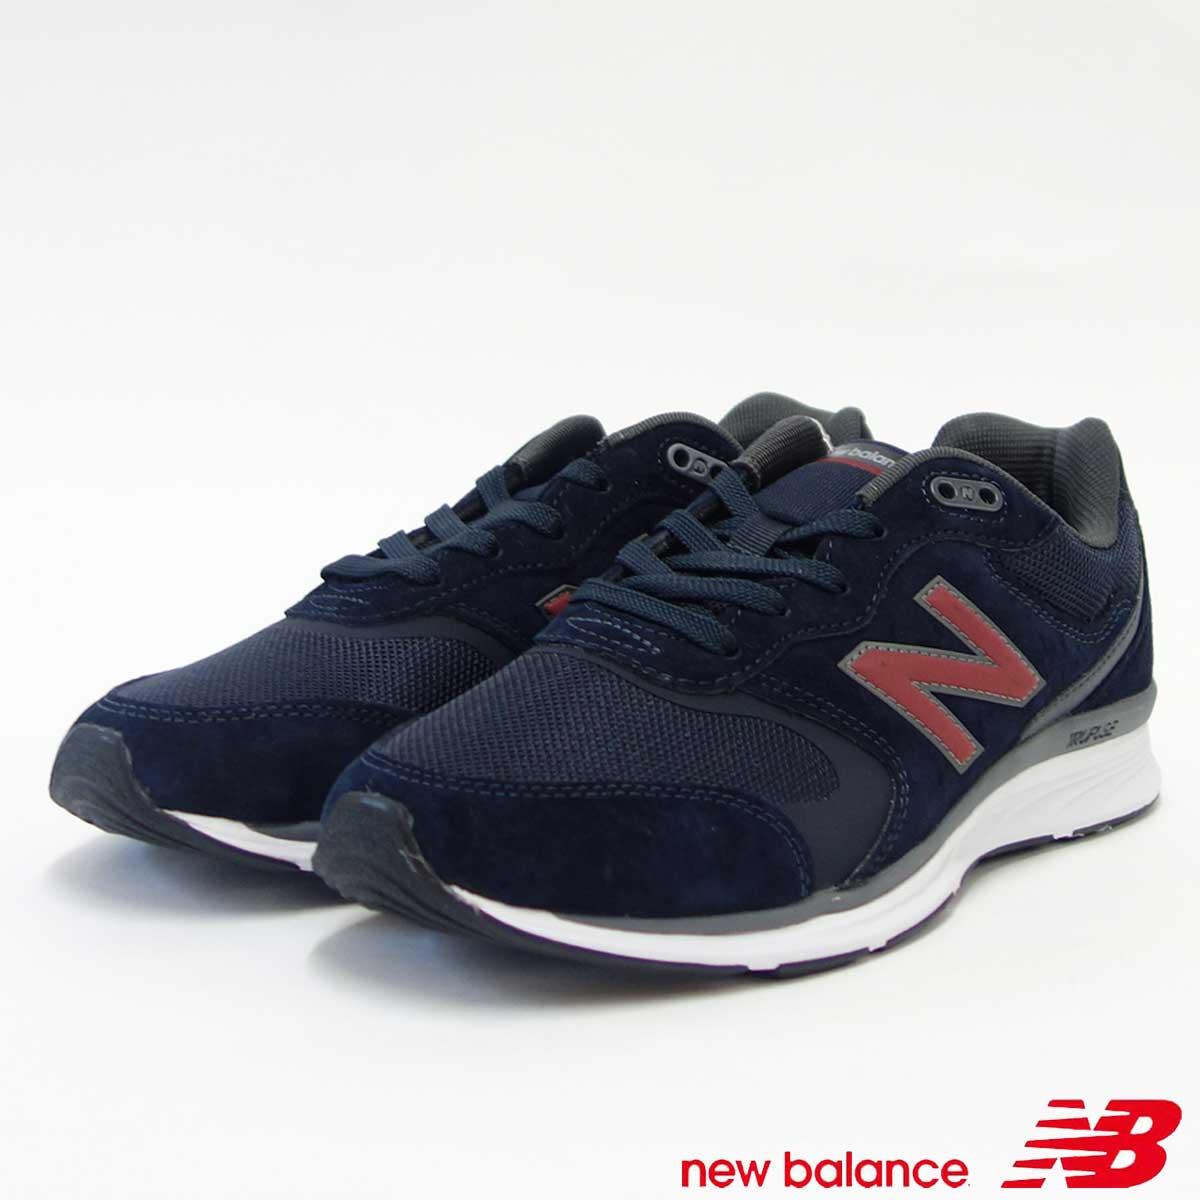 ニューバランス new balance MW880 NV4 ネイビー/レッド(メンズ)4E幅「靴」